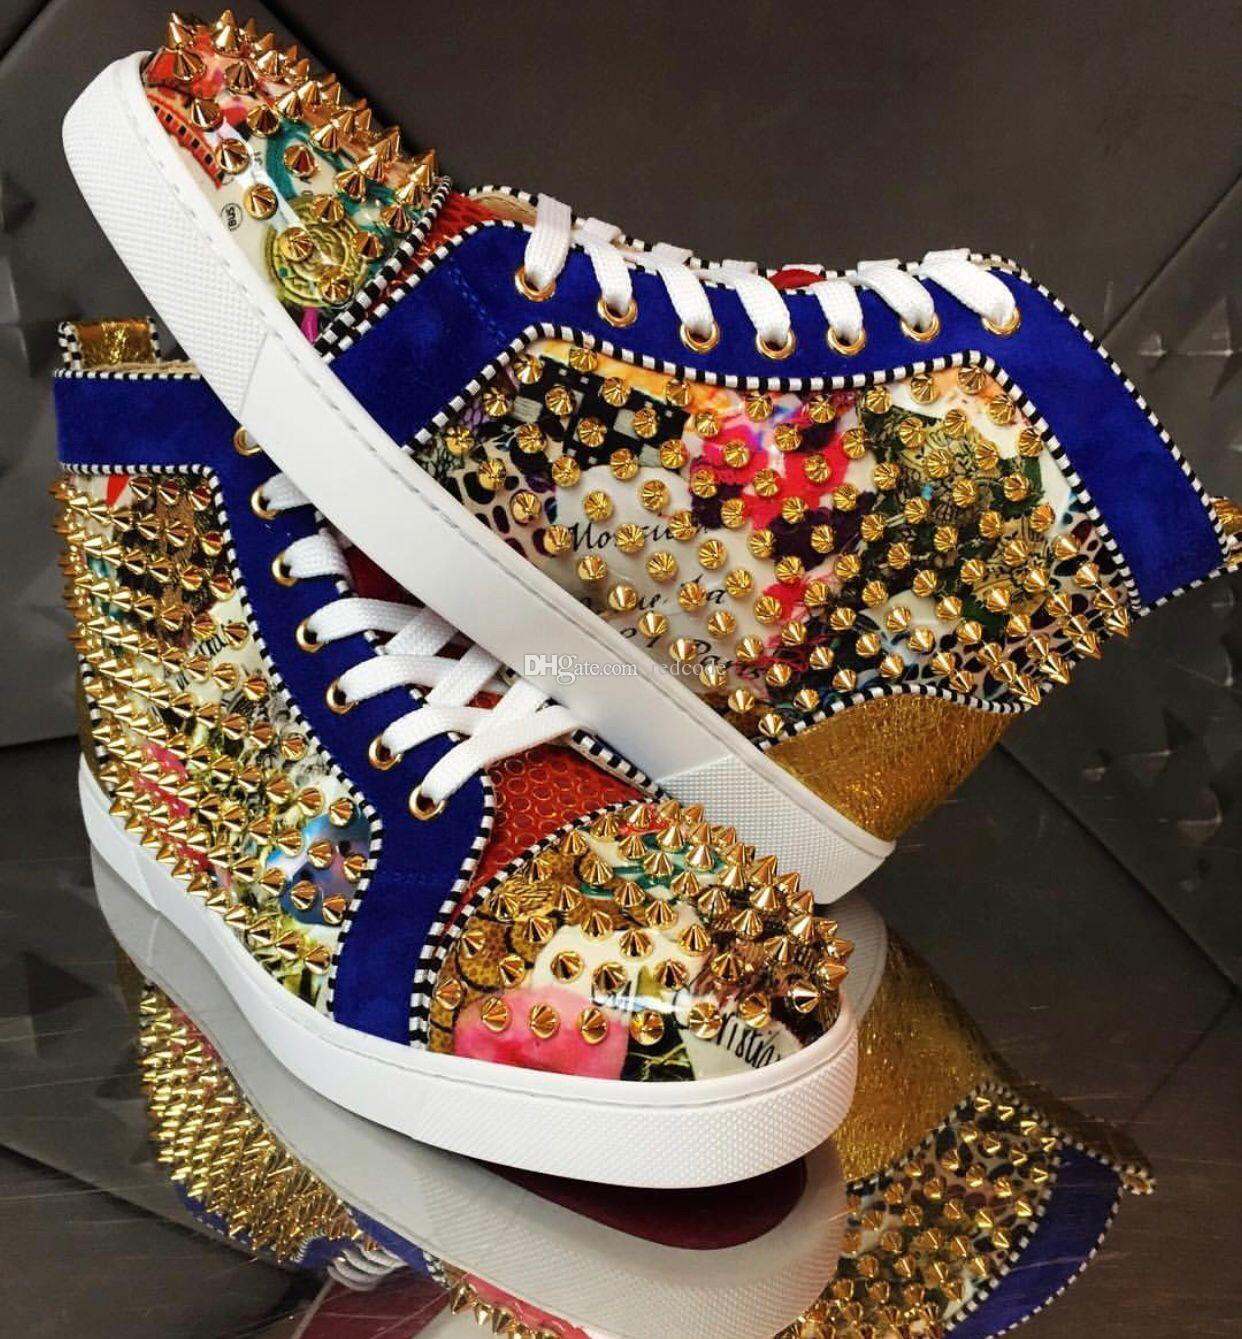 مصمم أنيق الذهب ترصيع المسامير الأحمر أسفل أحذية رياضية للرجال والنساء الفاخرة عارضة حفل زفاف اللباس الشتاء الأزياء الترفيه